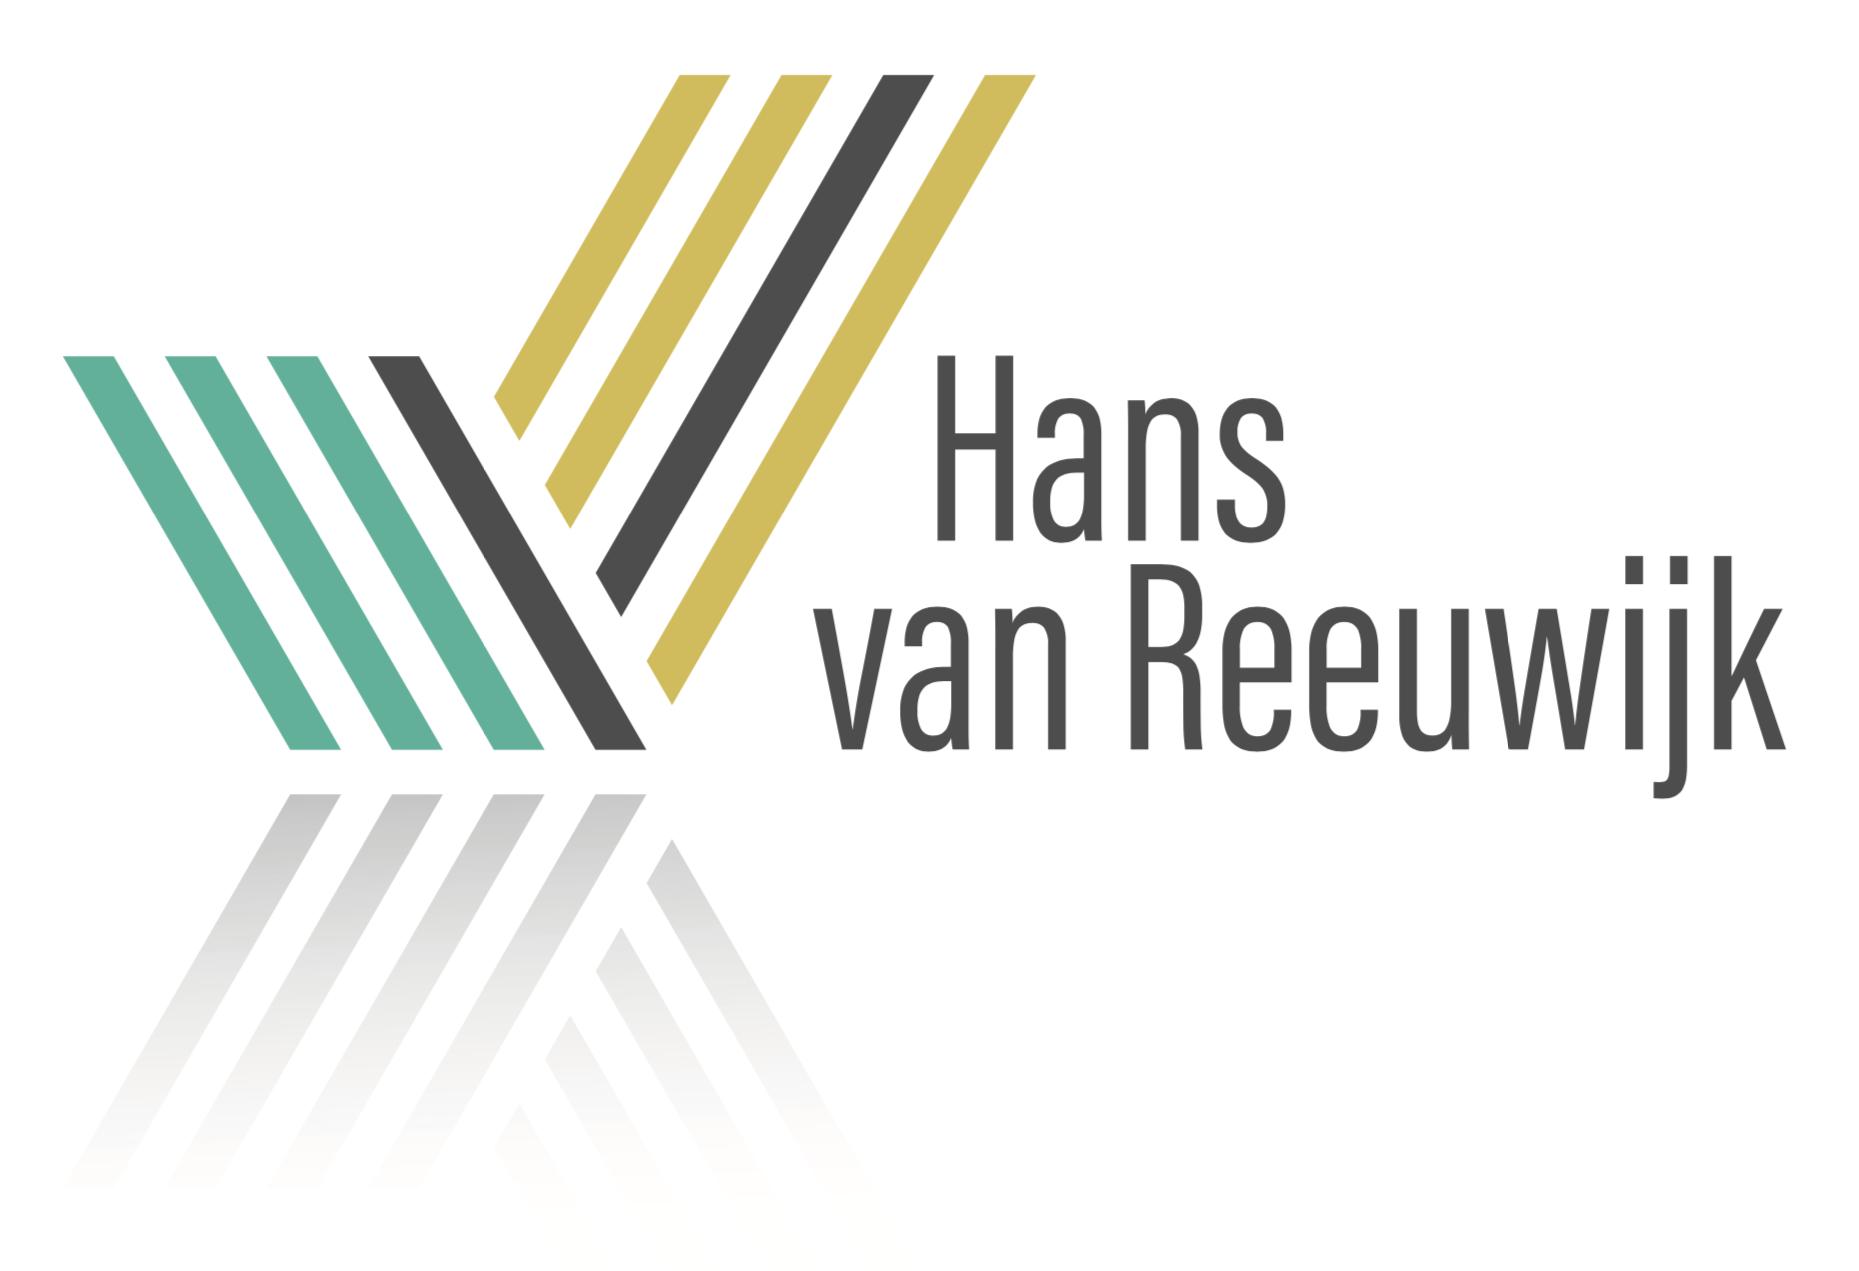 Hans van Reeuwijk